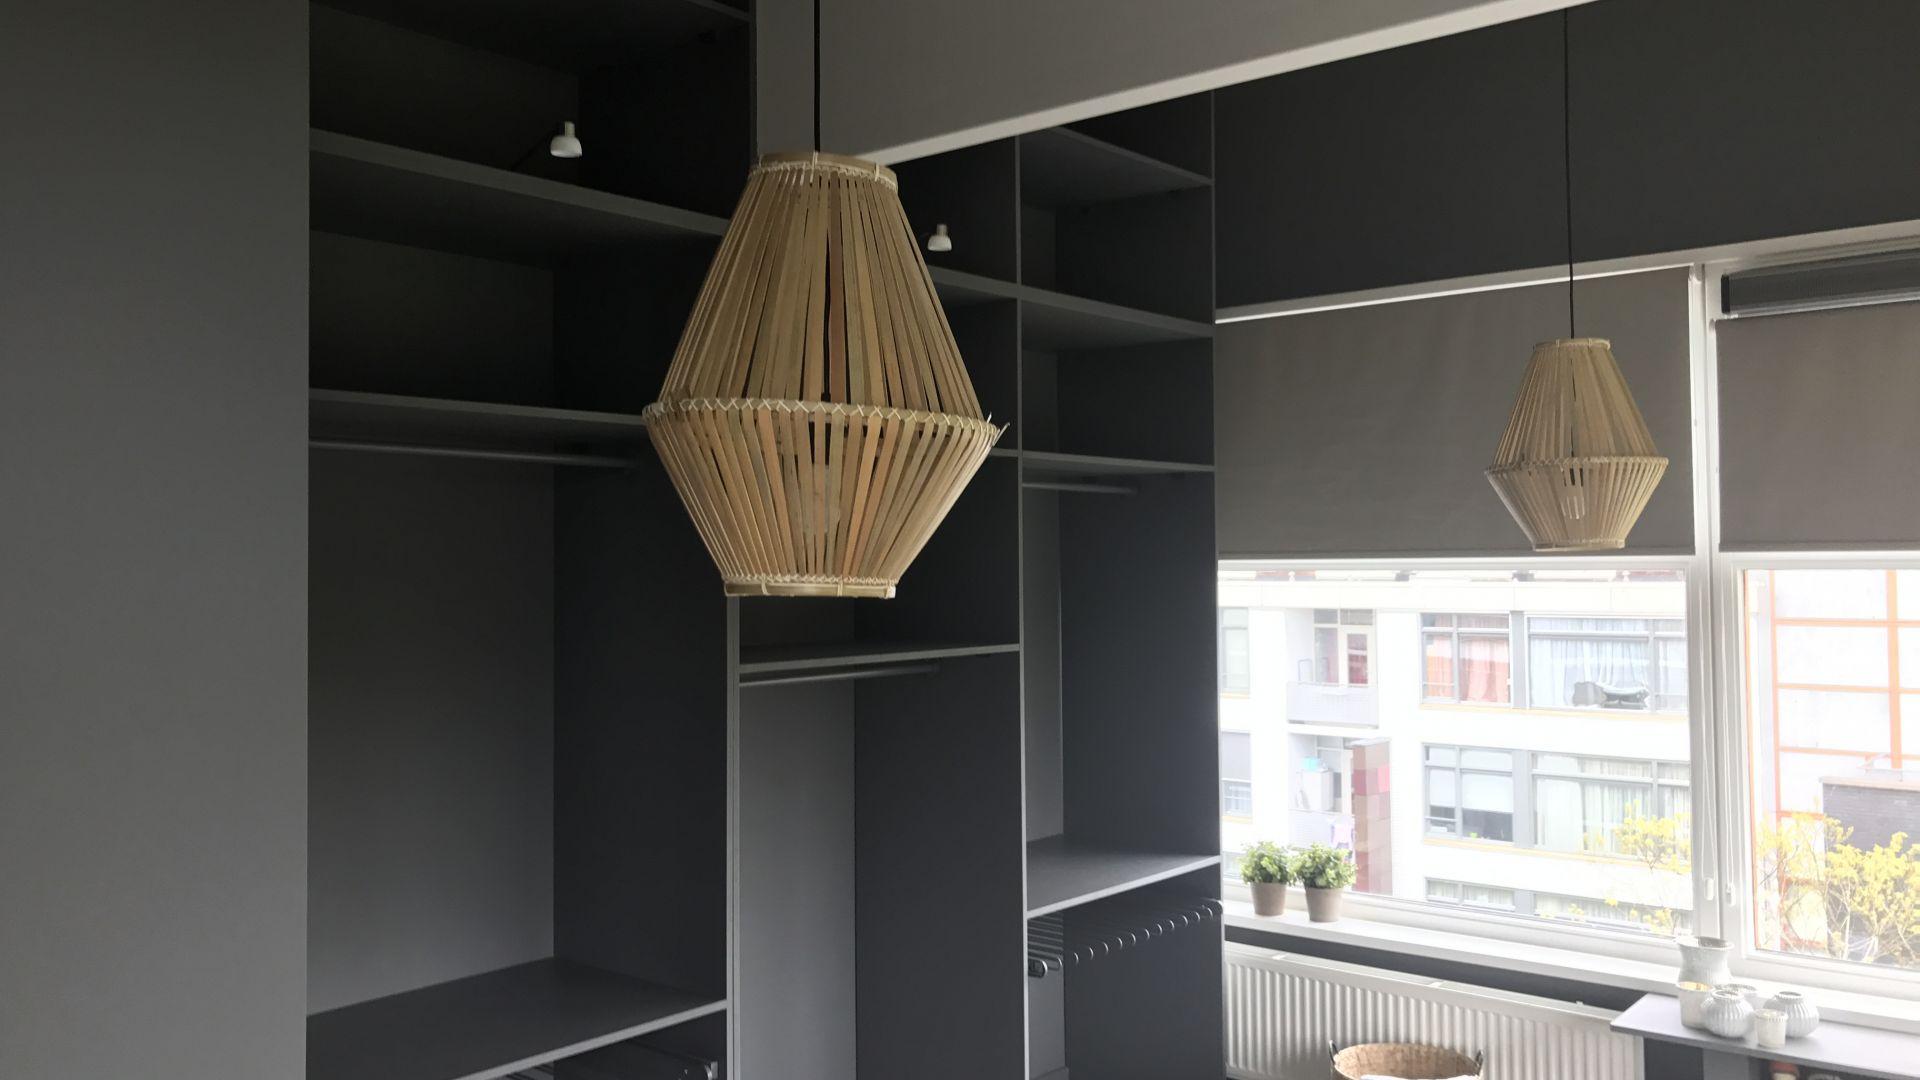 Keuken En Badkamer : Verbouw keuken badkamer toilet kastenwand haard beck bouw wamel